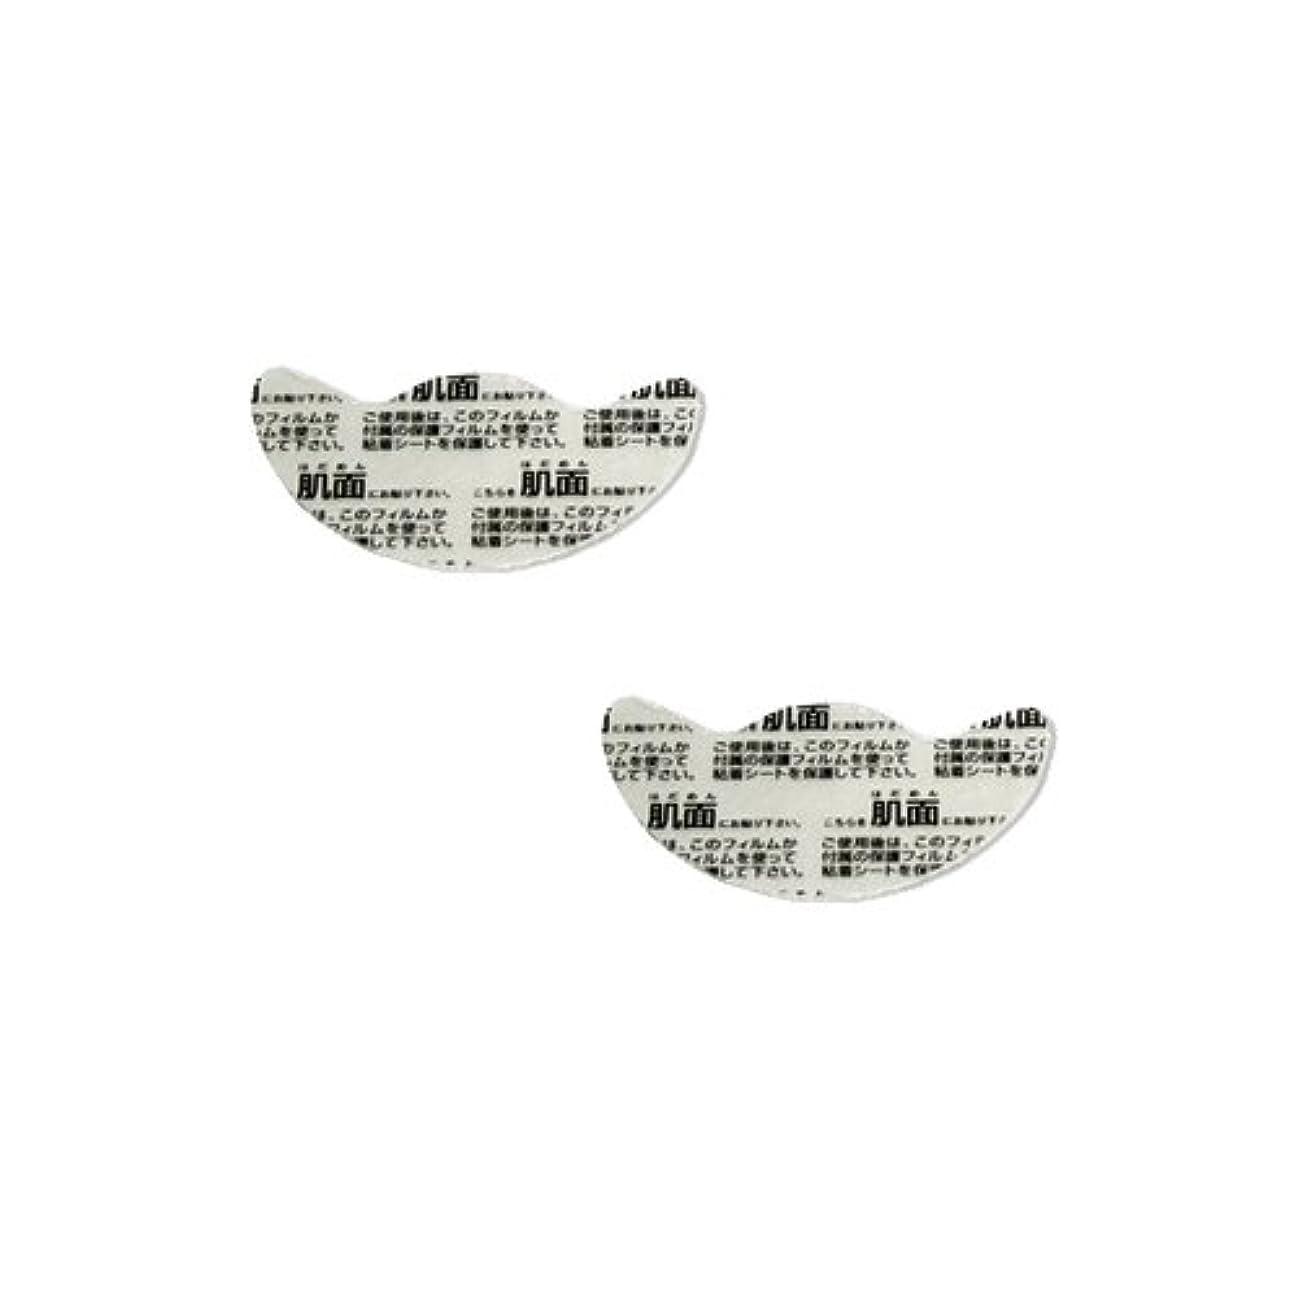 コールヘッジ祈るナール超音波EMS美顔器 小顔ナール(Kogao NARL) 交換用粘着シート 2枚入(2枚×1組)